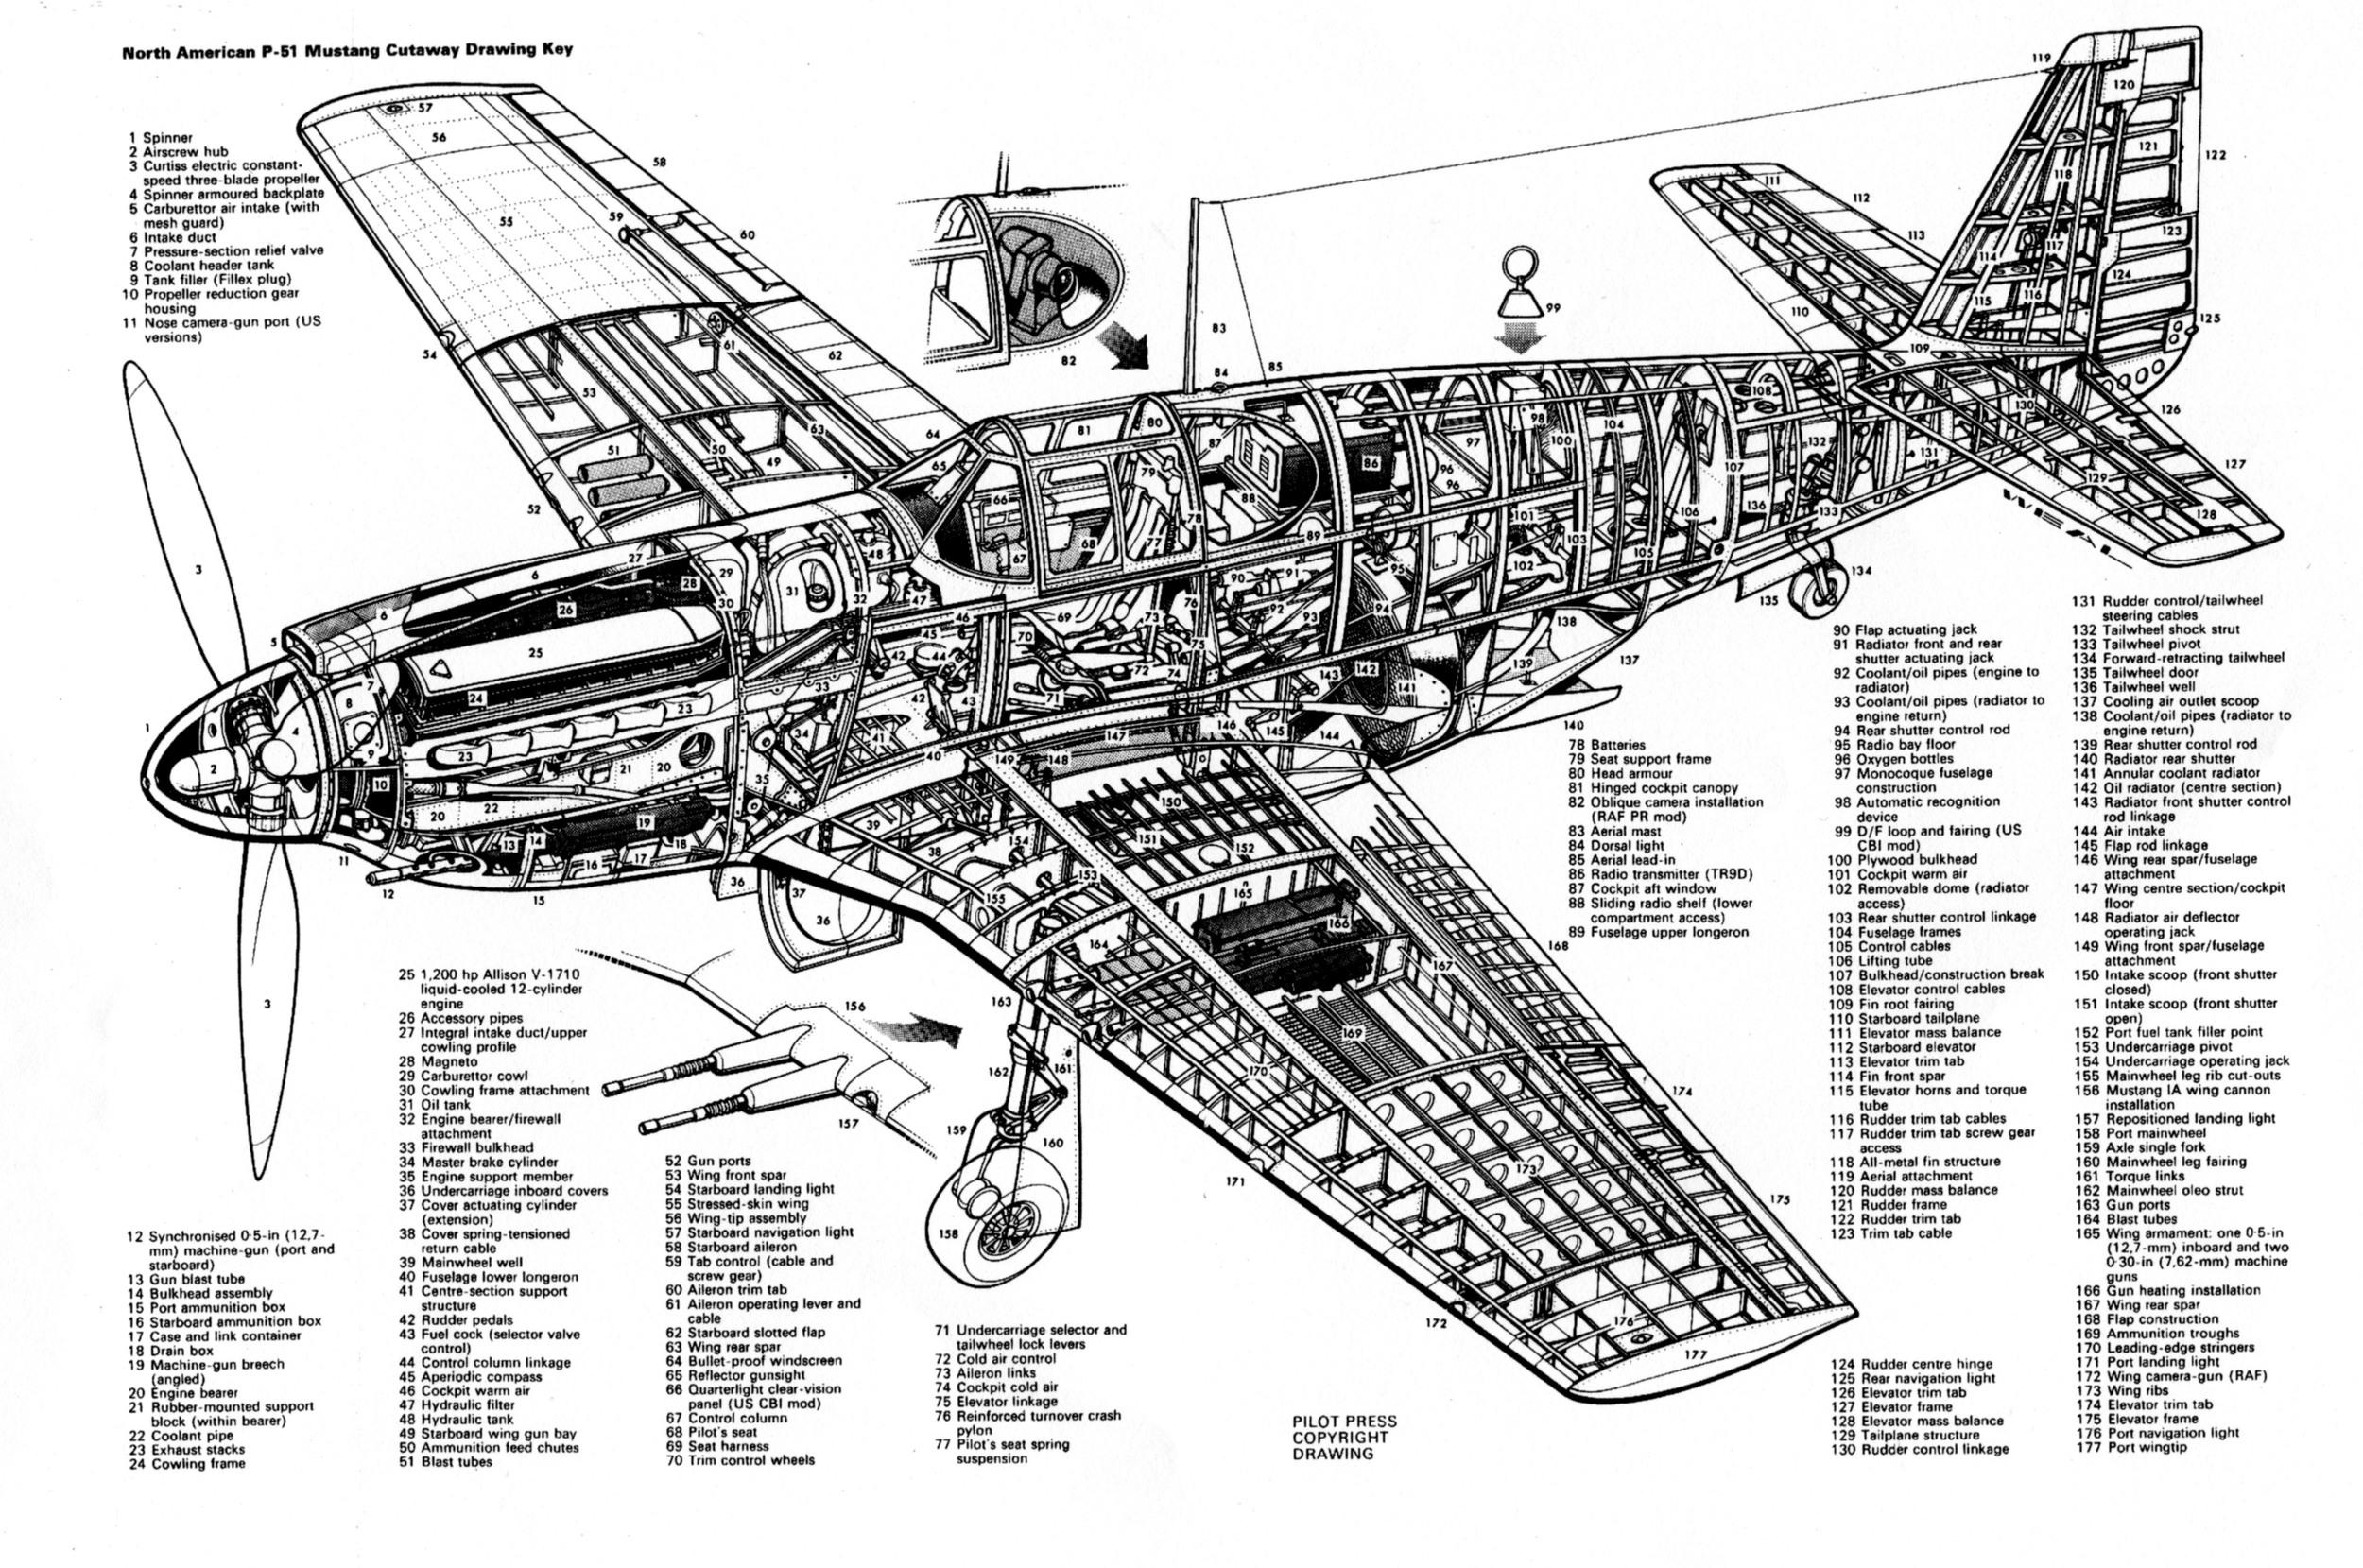 NAA P-51 Cutaway Early Mark